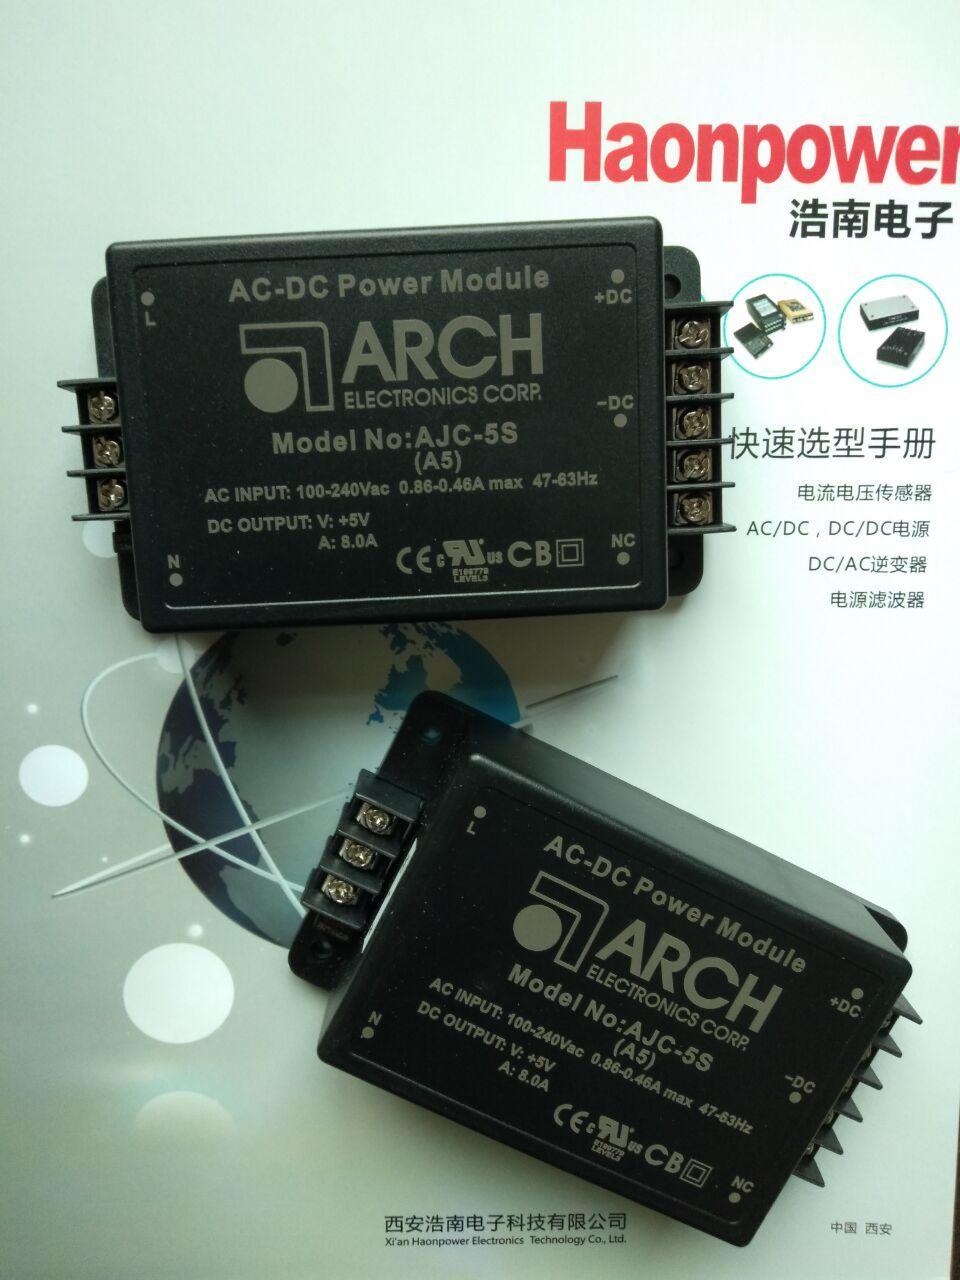 翊嘉底座安装型AC/DC电源模块40W系列AJC-24S-A5 AJC-12S-A5